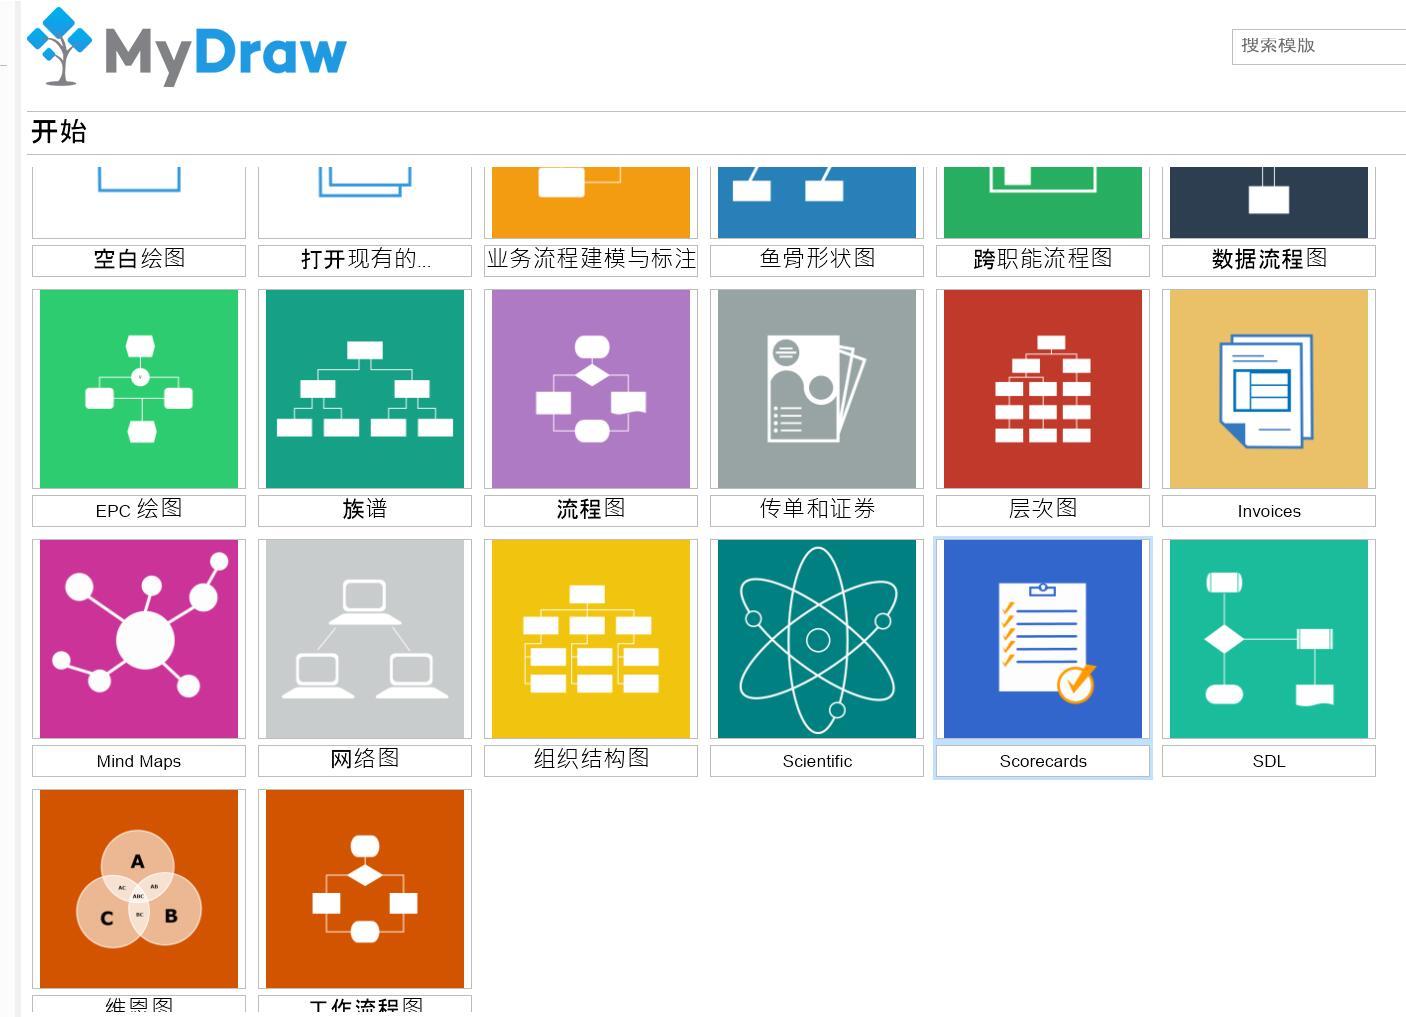 限时免费 思维导图/网络拓扑软件MyDraw